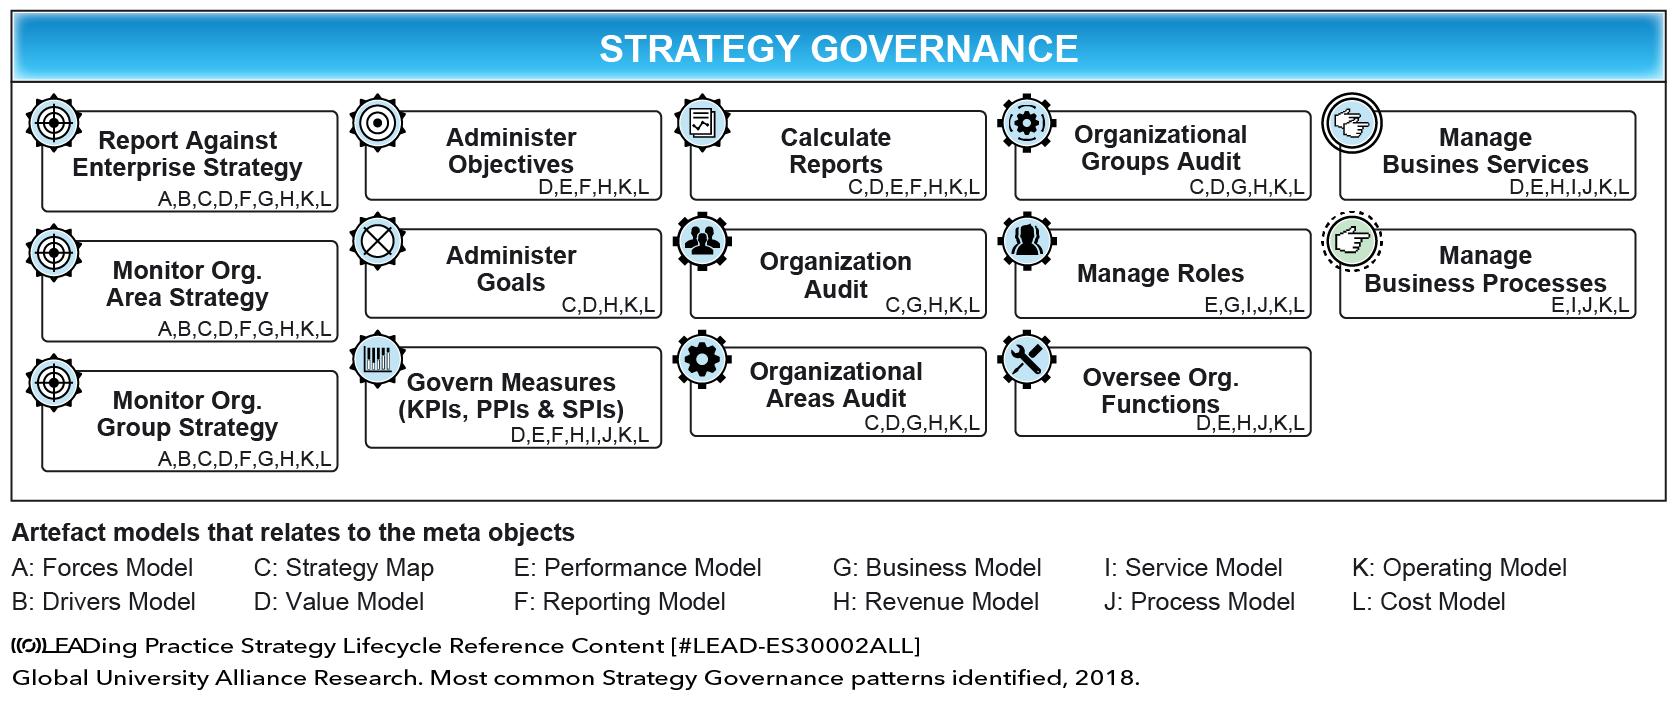 STRATEGY GOVERNANCE